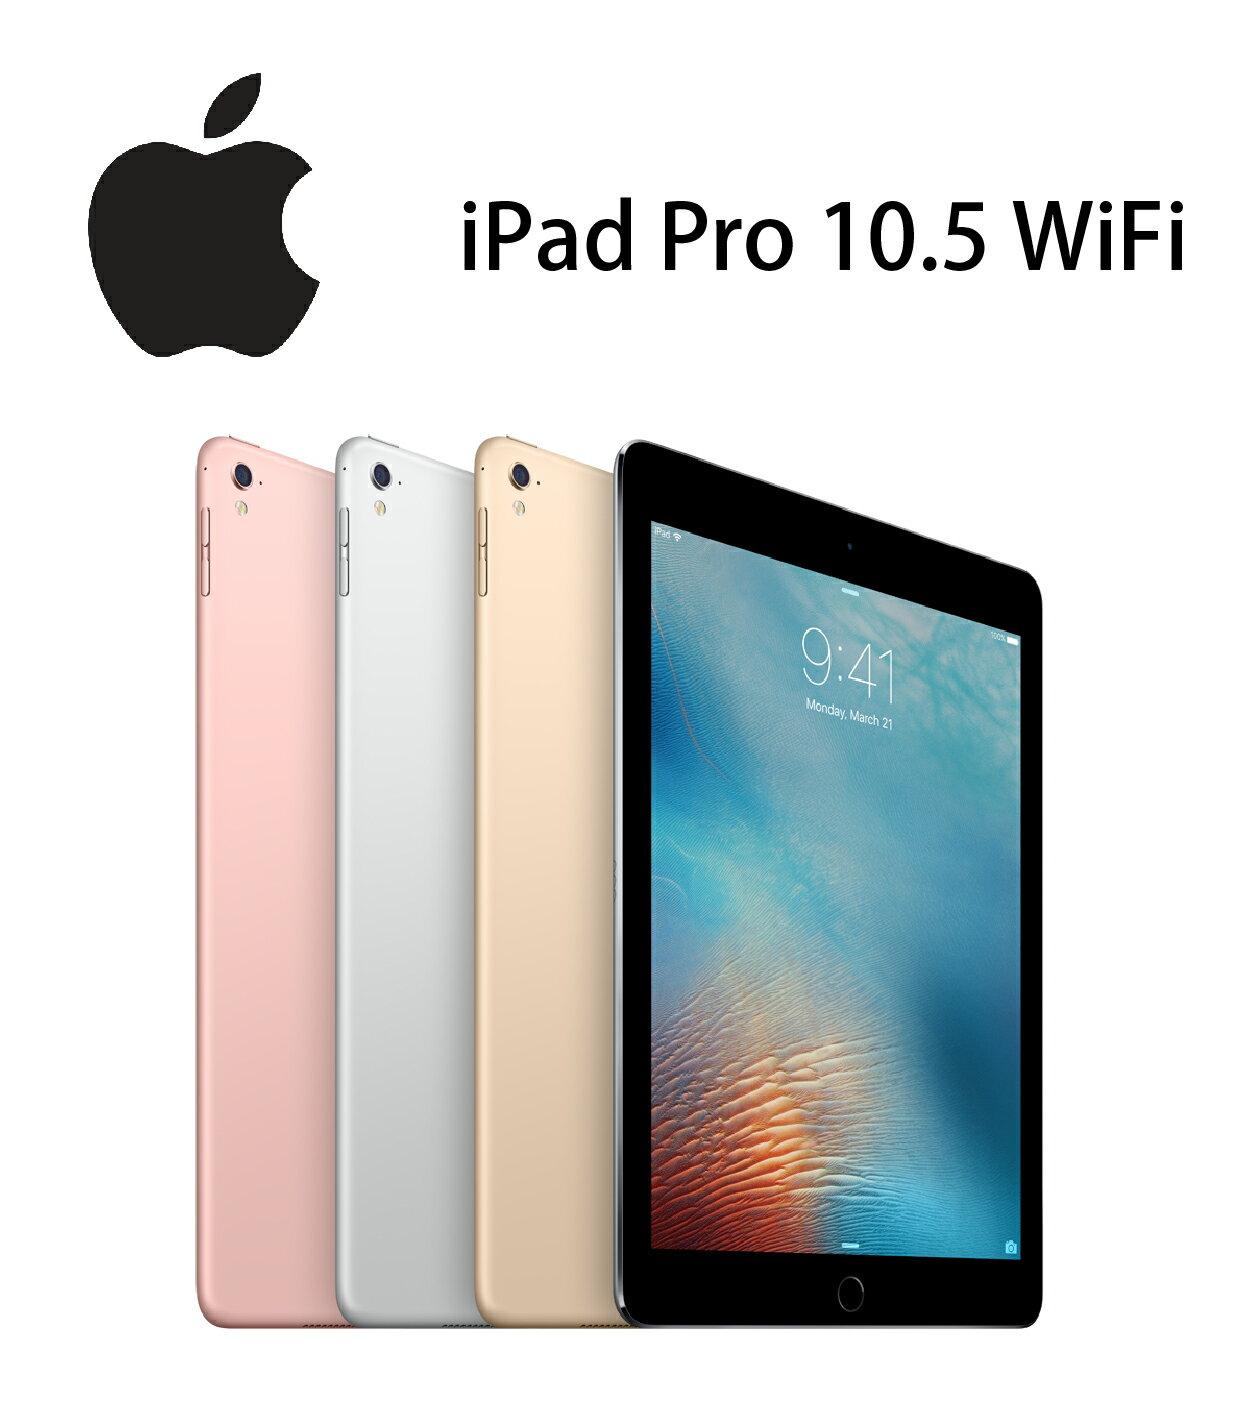 [滿3000得10%點數]APPLE iPad Pro 10.5 WiFi版 - 銀/灰/金/玫瑰金[12期零利率]